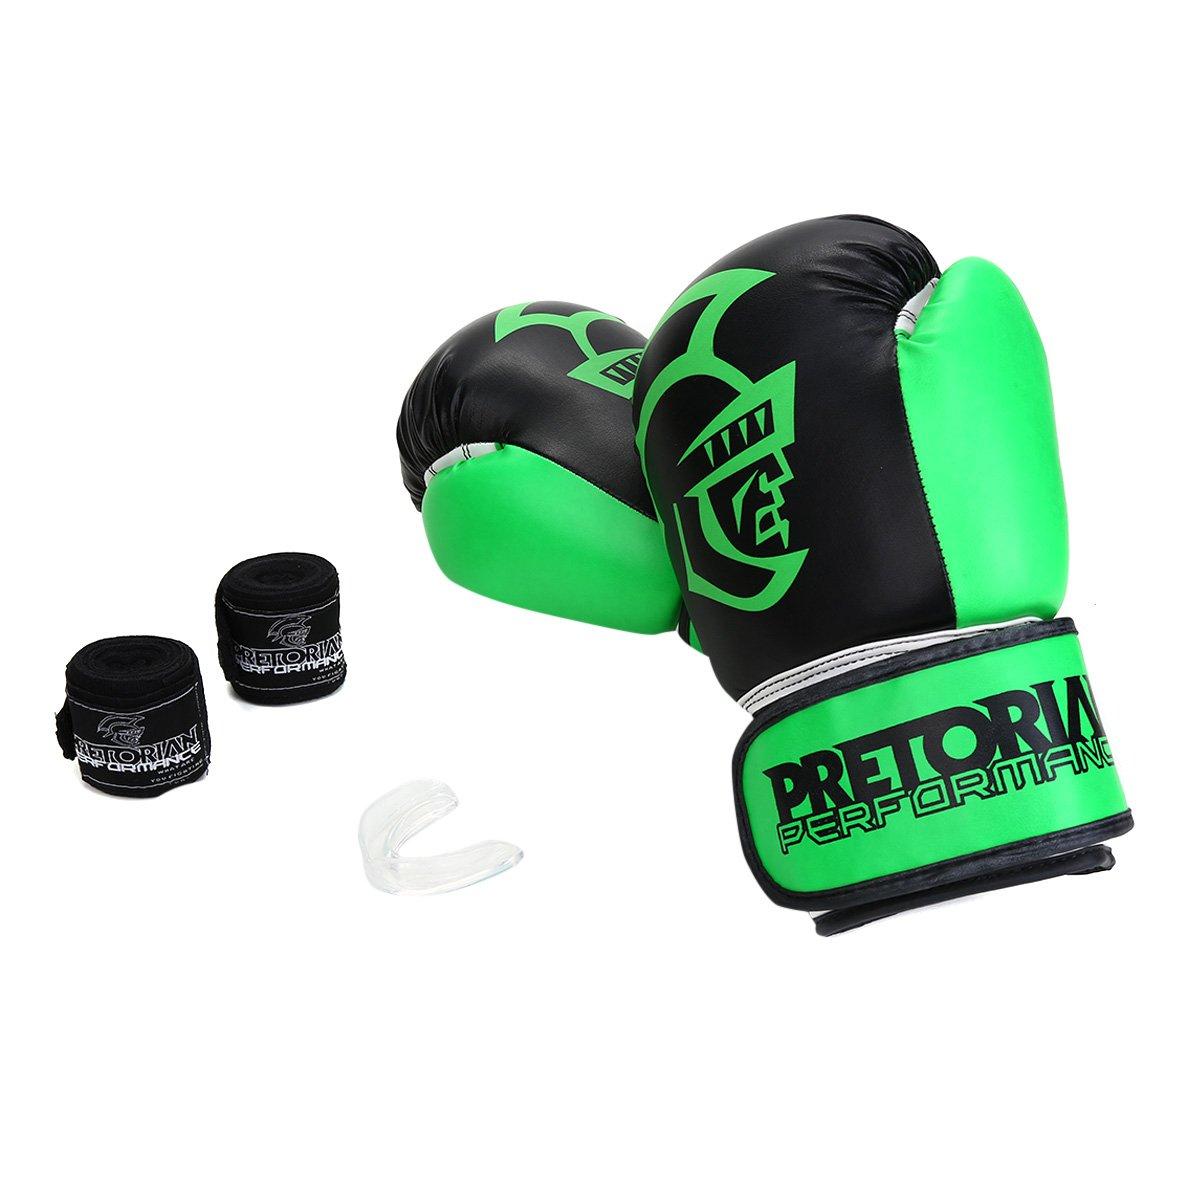 Kit Luva de Boxe/Muay Thai Pretorian Performance 12 OZ + Bandagem + Protetor Bucal